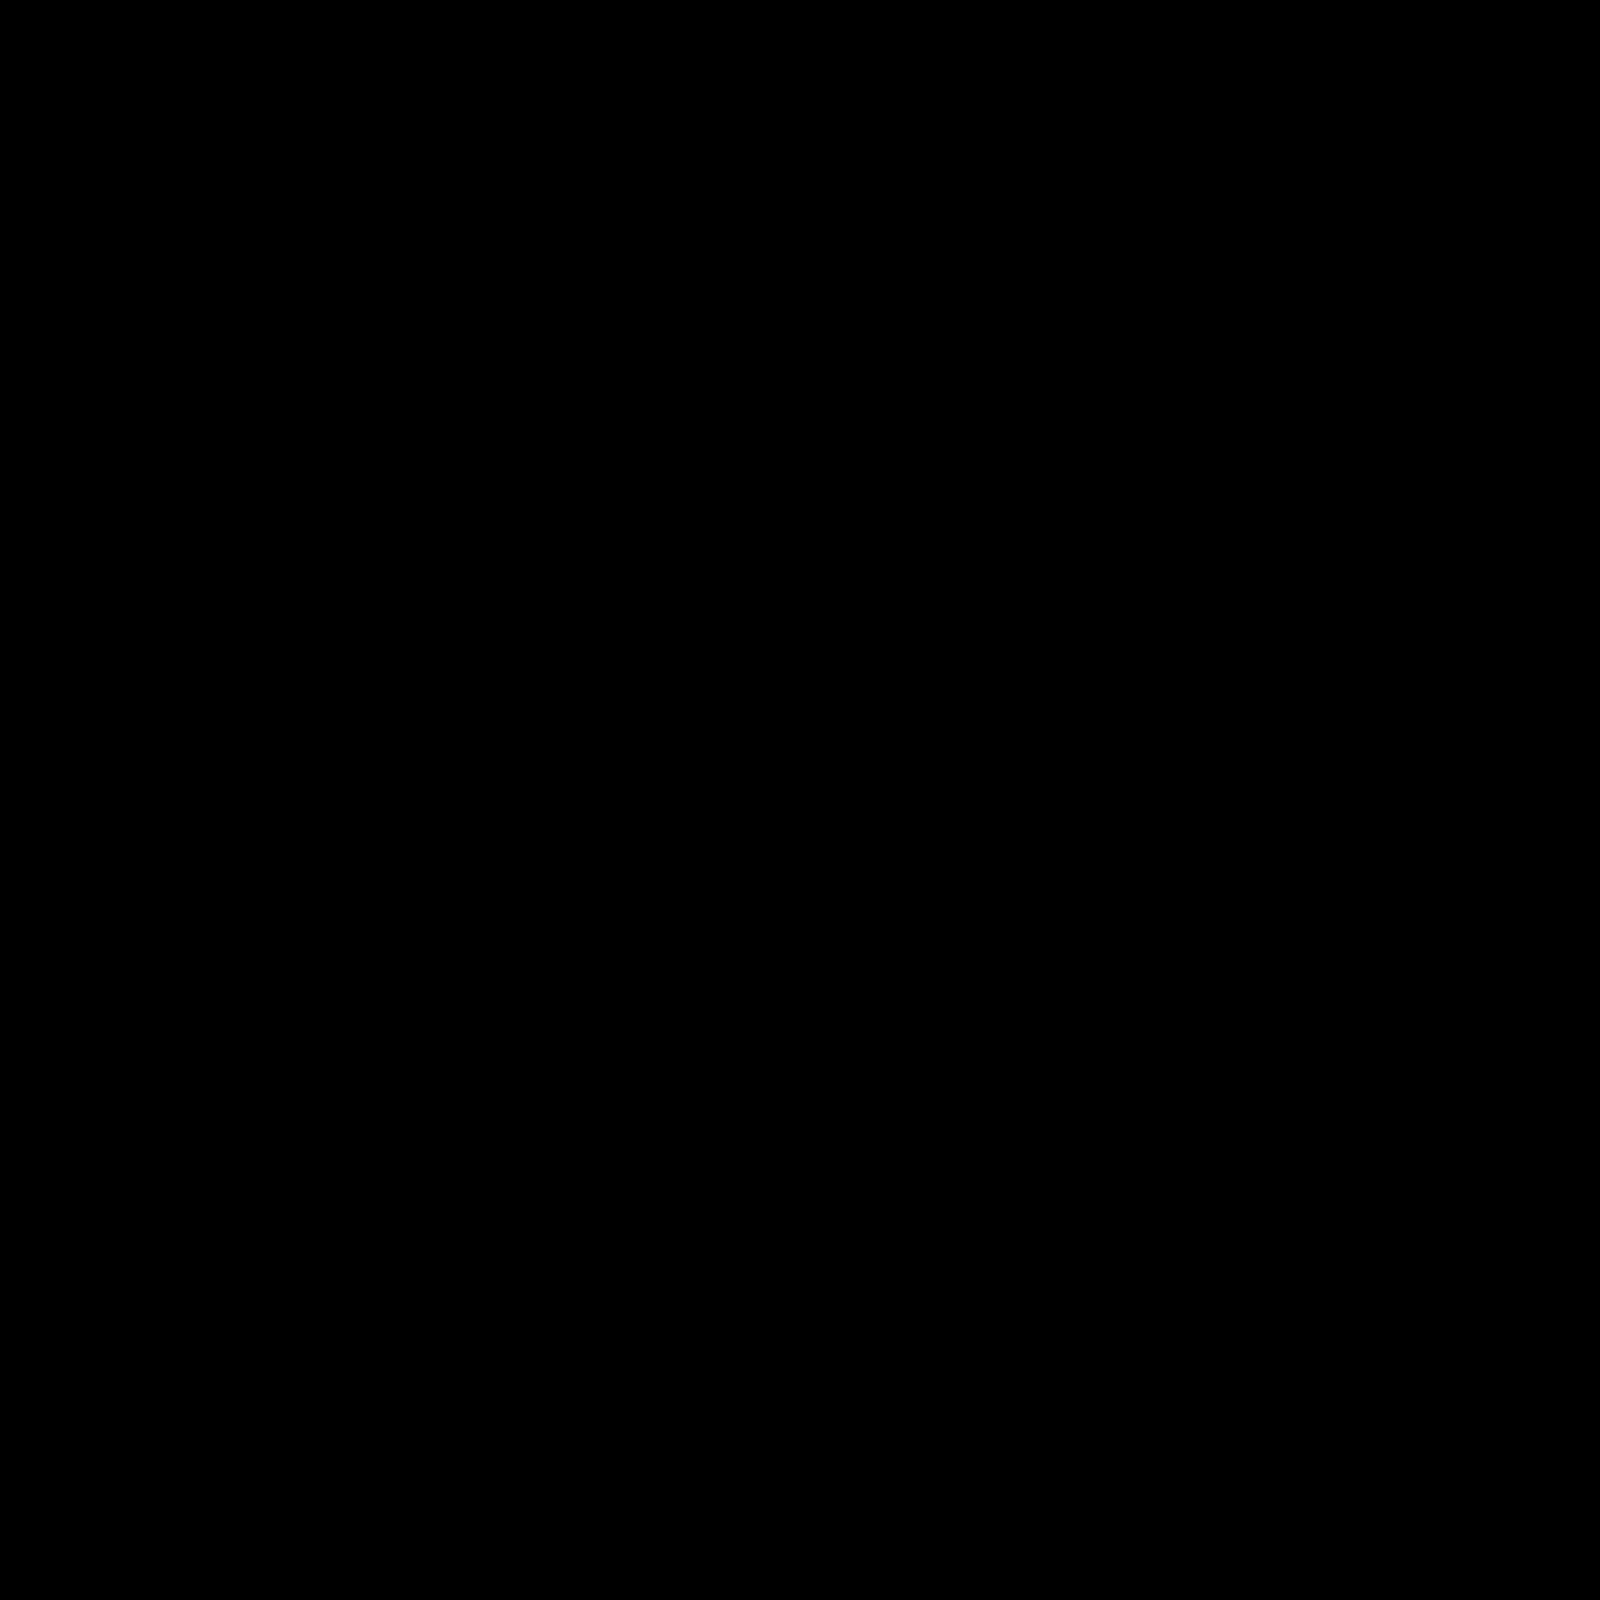 音楽指揮者 icon. This is a rather complicated icon that looks like a person conducting music. The head is imply a circle, but the body is made up of a polygon with arms raised and baton held upwards. There are no legs, but there is a square used to represent them.